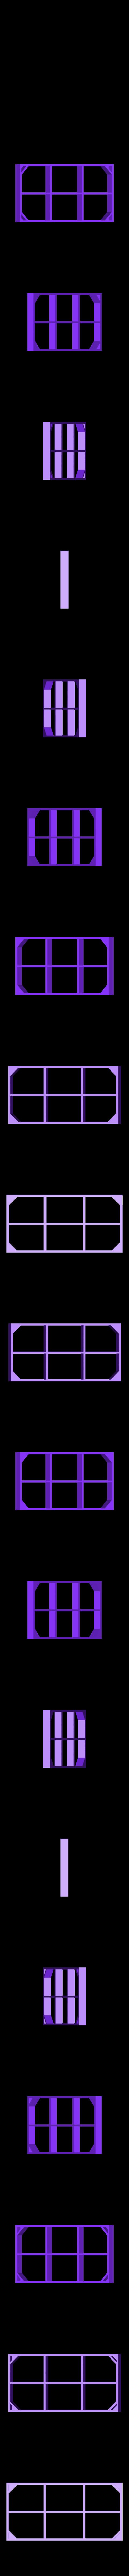 OrgBoxT.stl Télécharger fichier STL gratuit Organisateur d'ustensiles cosmétiques • Design à imprimer en 3D, Duskwin